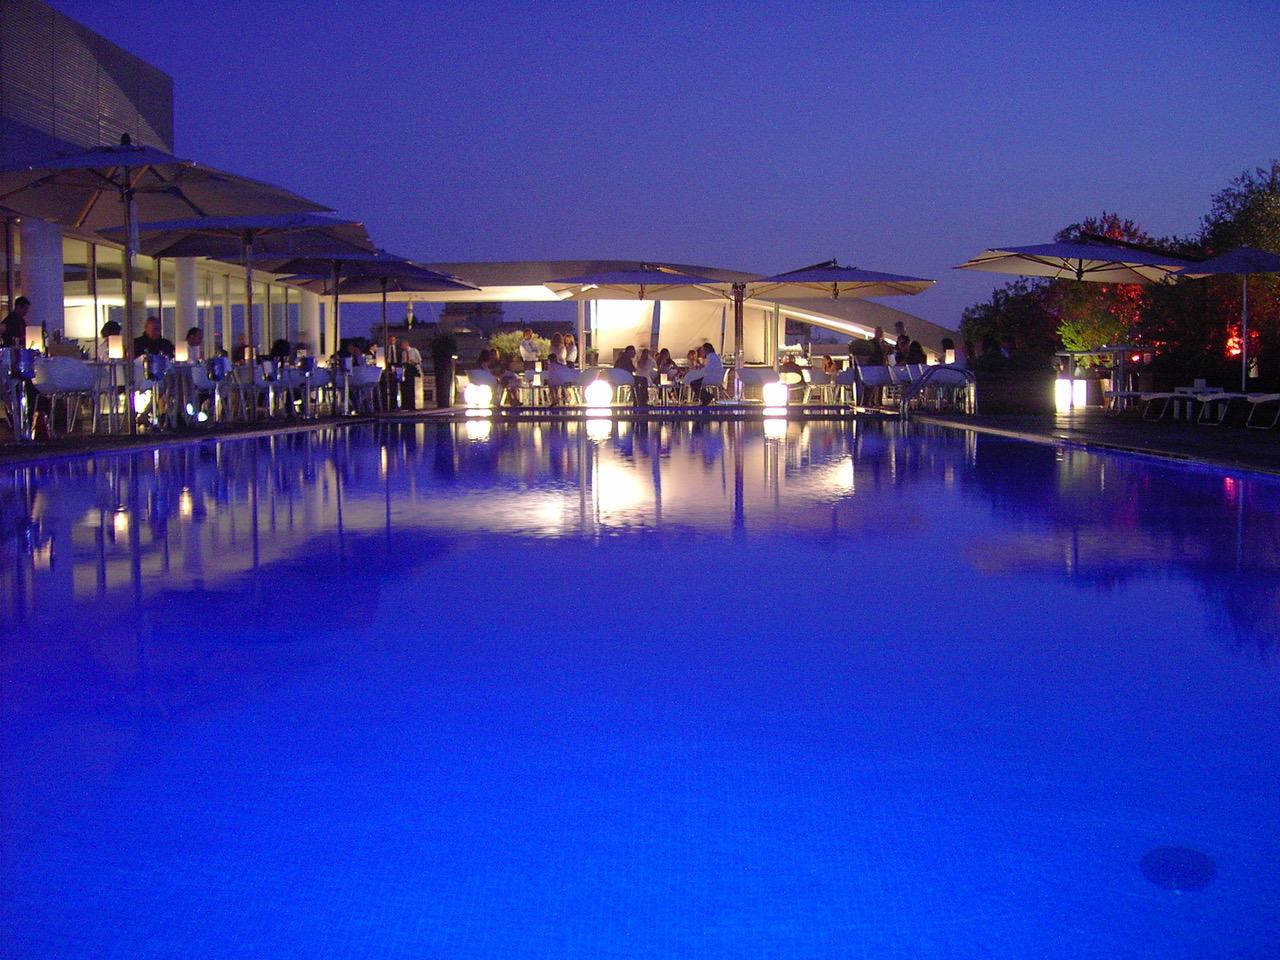 Radisson Blue Es Hotel Rome Per Eventi In Terrazza Con Chef